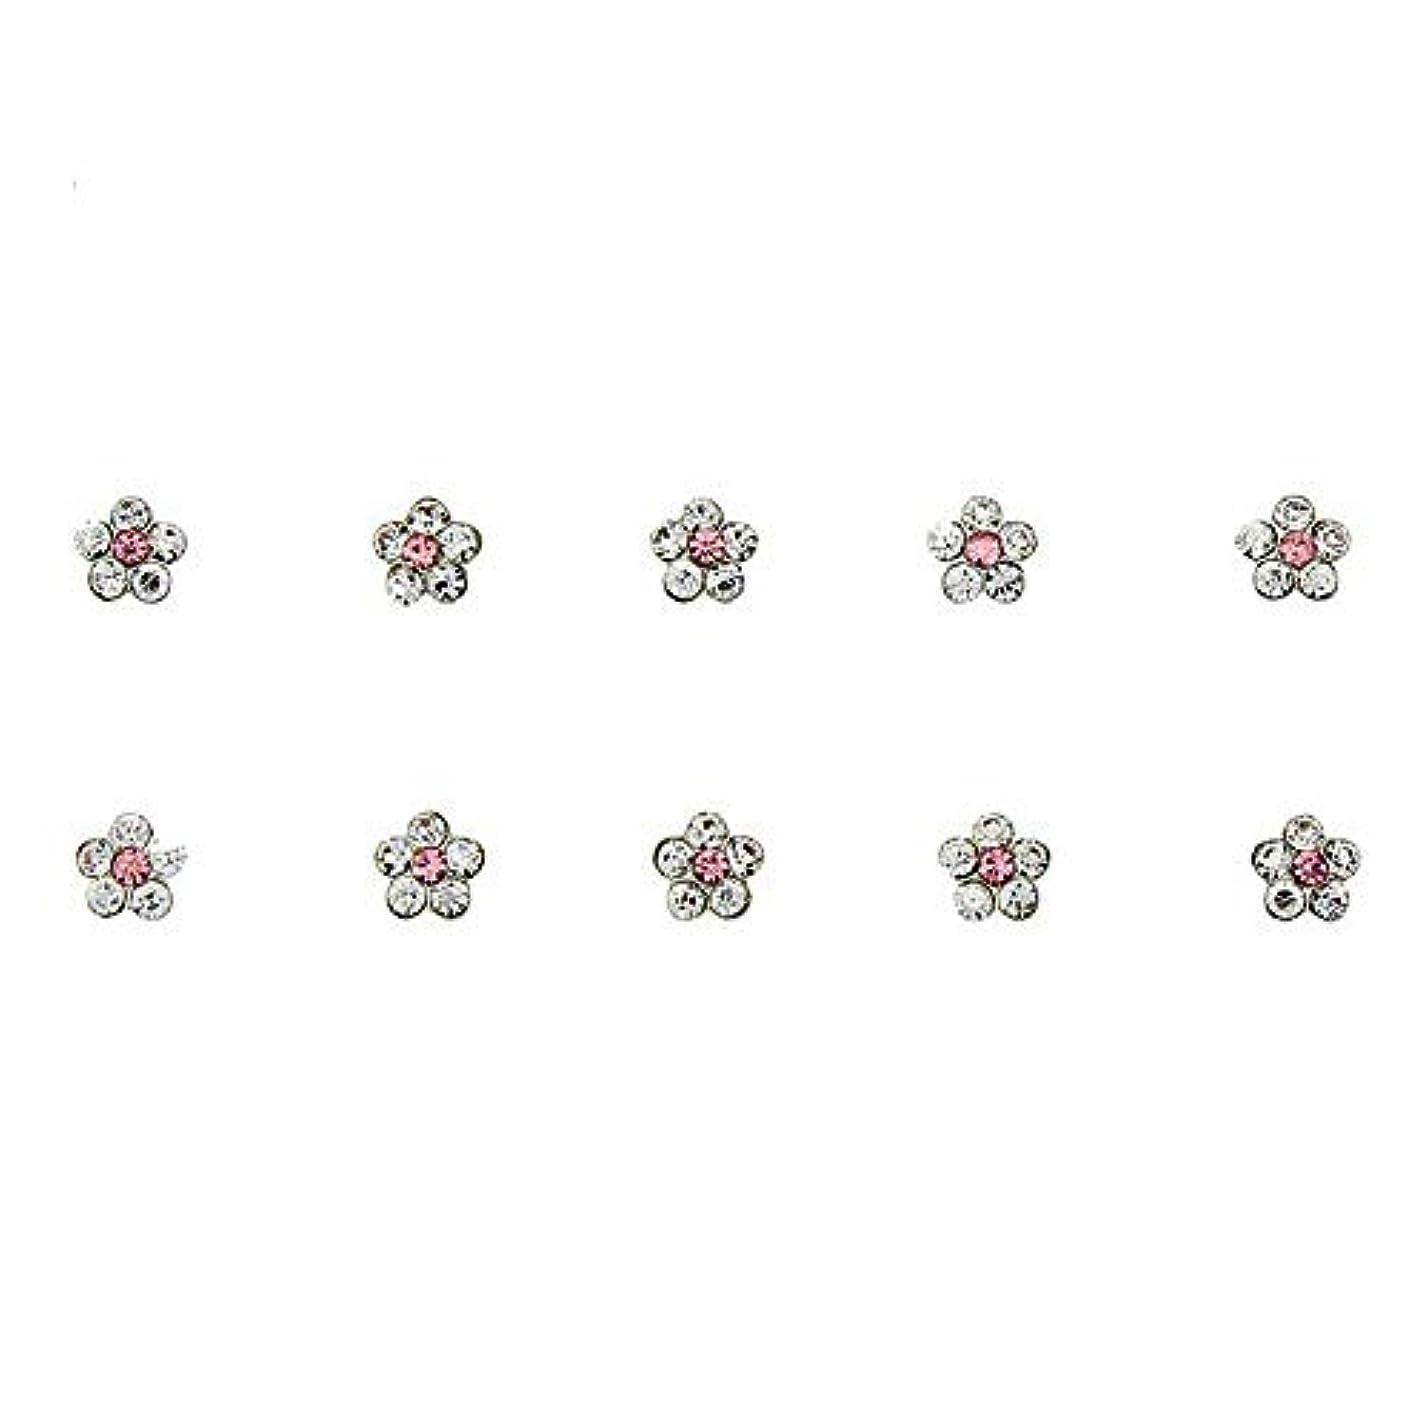 キャンパス使い込む分析的ネイルズフラワーデザインの3Dネイルアートの装飾グリッター合金ピンクストラスマニキュア用10個/ロットクリスタルラインストーン